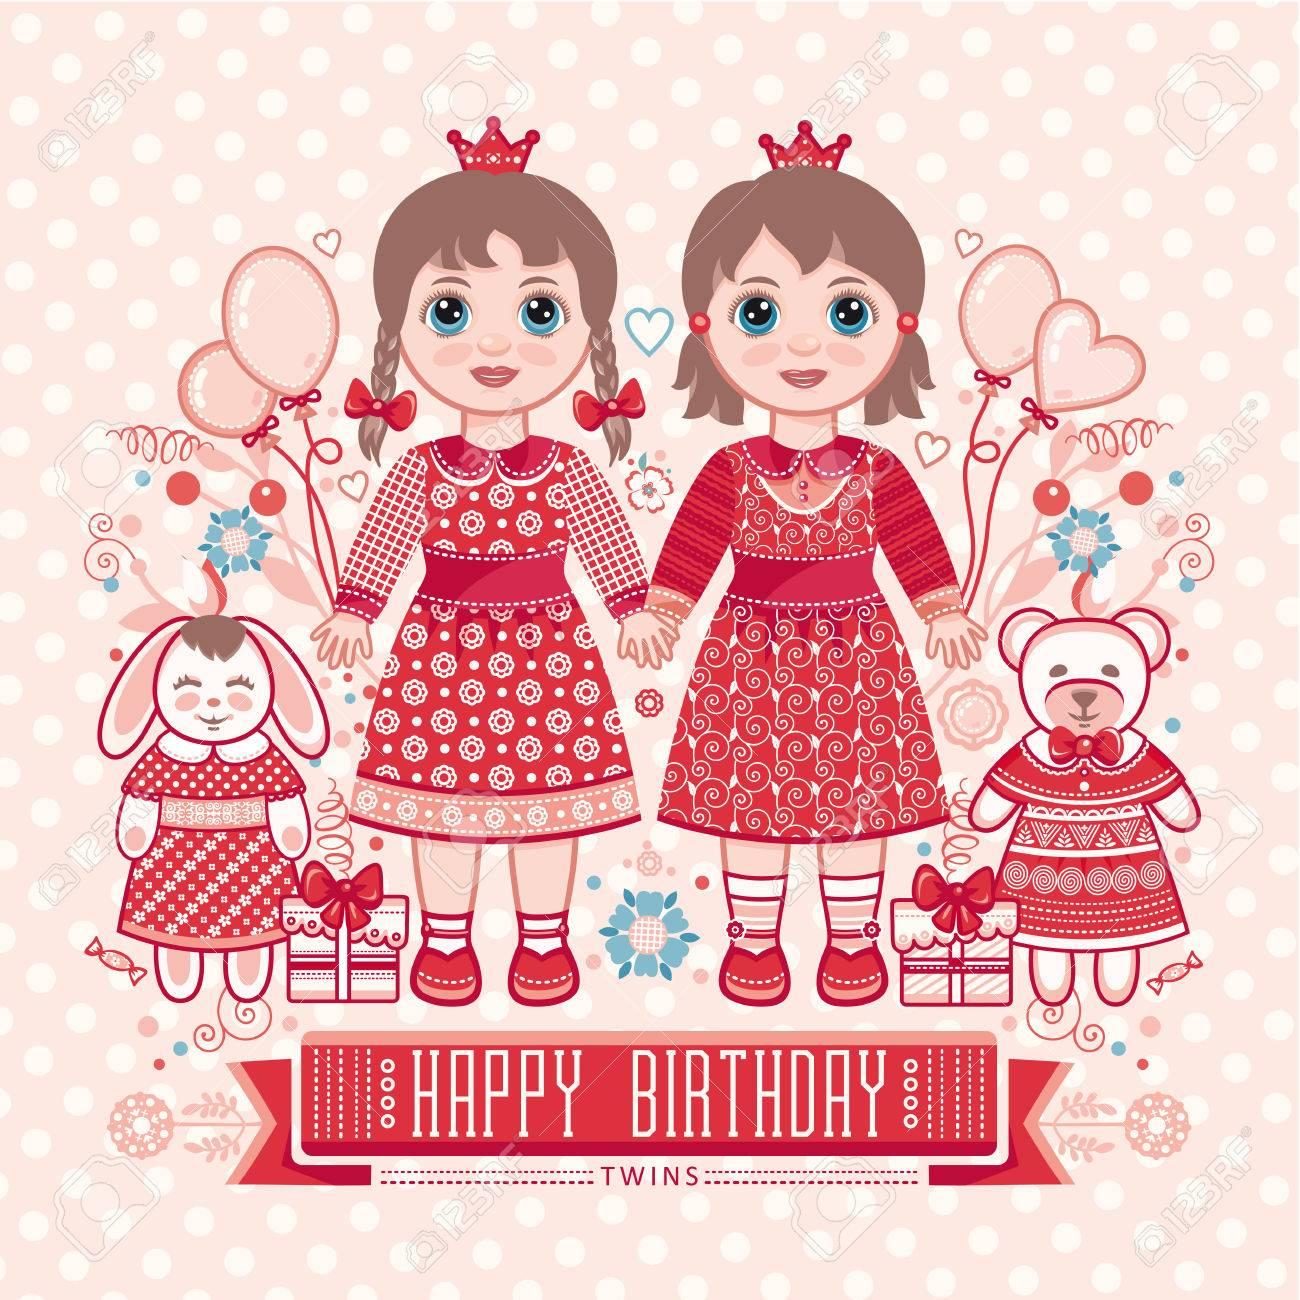 Alles Gute Zum Geburtstag Grusskarte Fur Madchen Illustration Von